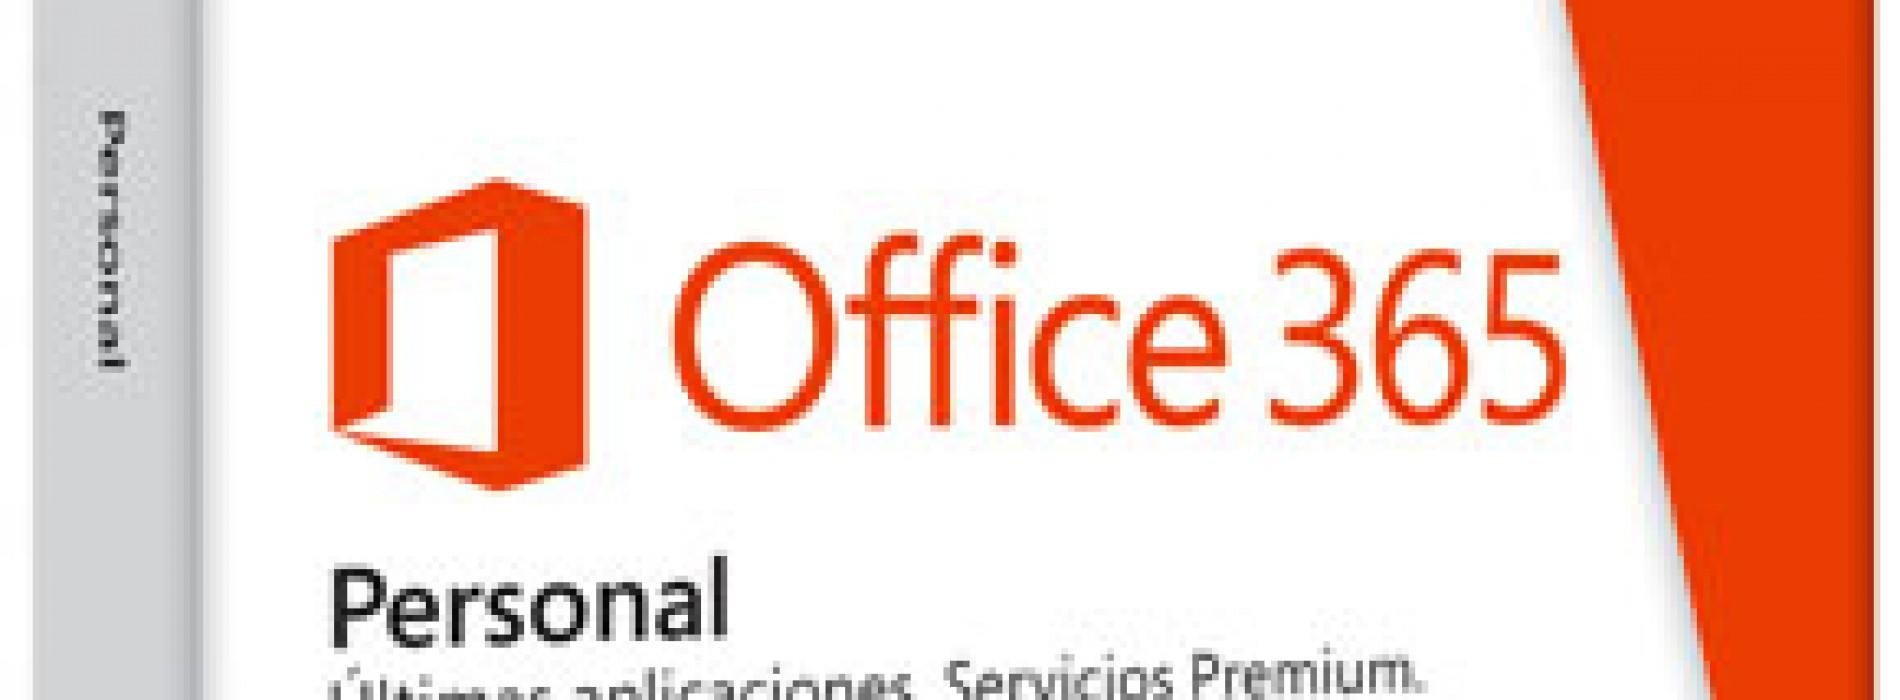 Más del 65% de Software es ilegal en el Perú